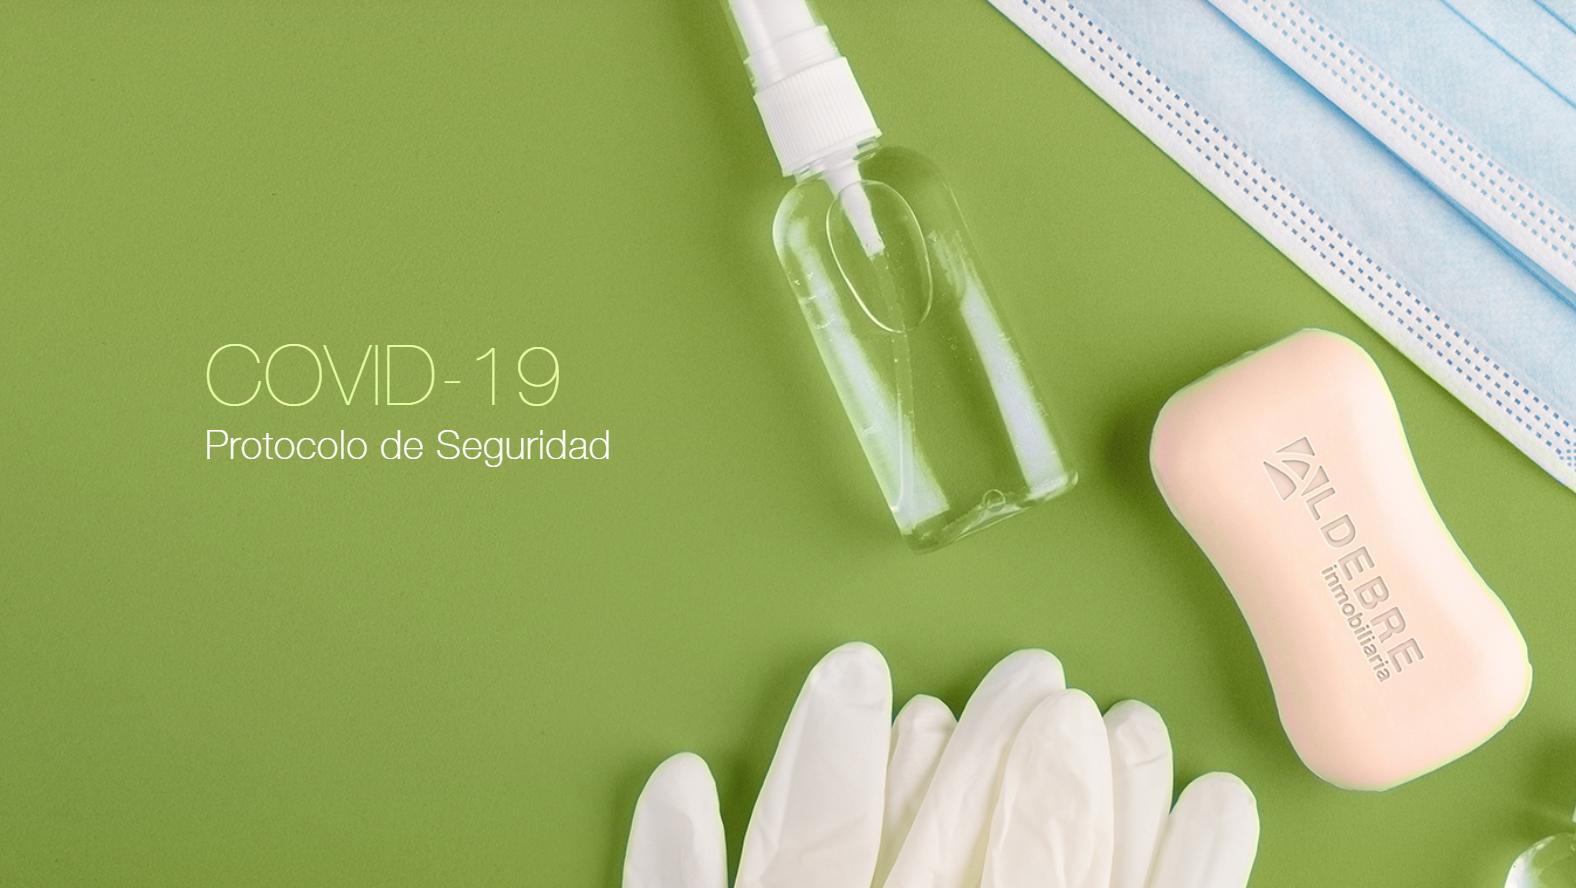 Aldebre Inmobiliaria Zaragoza | COVID-19 Protocolo de seguridad actividad Inmobiliaria Zaragoza y alrededores.